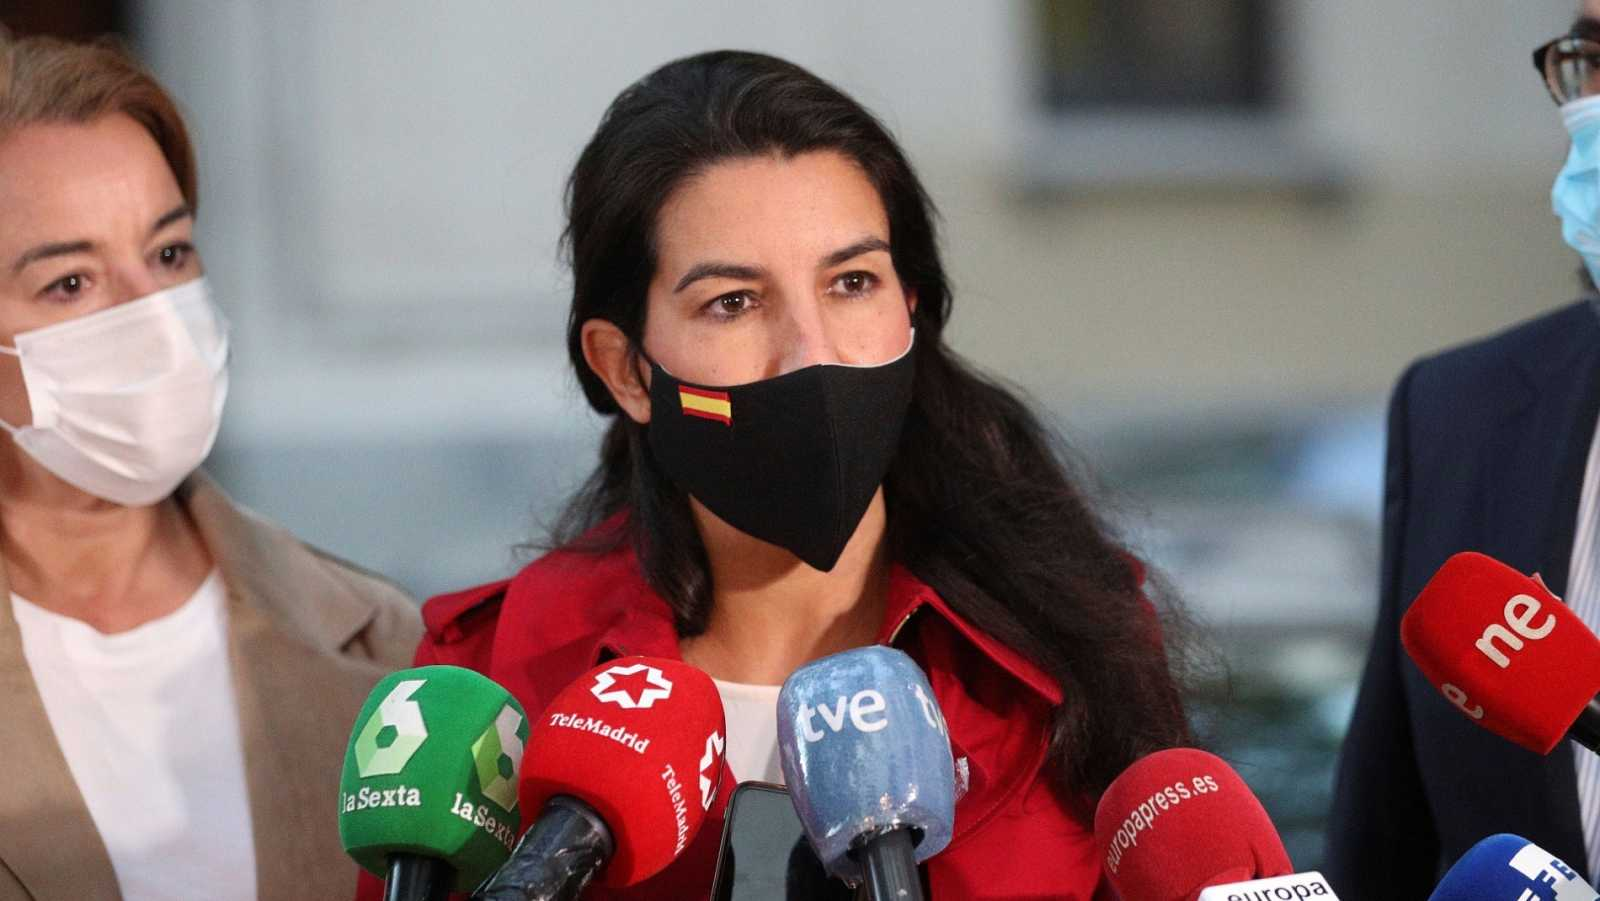 La portavoz de VOX en la Asamblea de Madrid, Rocío Monasterio atiende a los medios